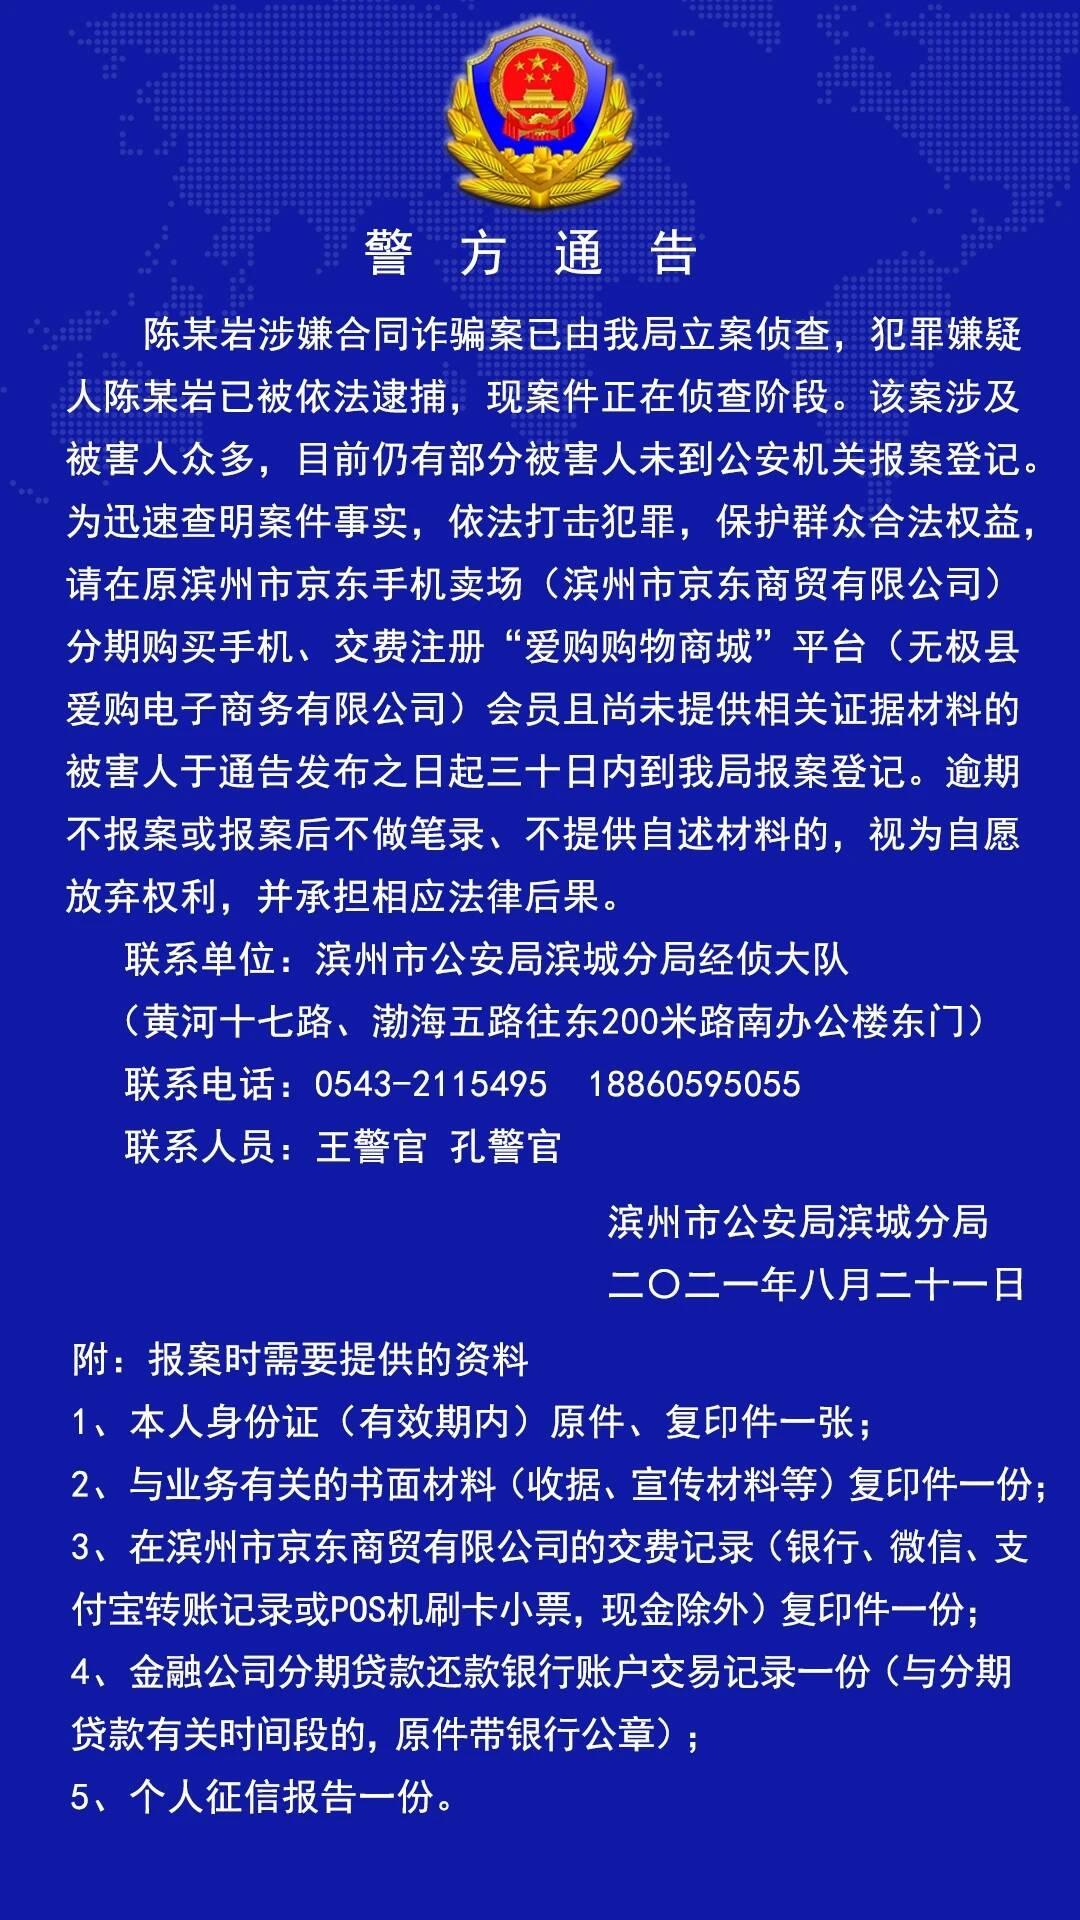 陳某巖涉嫌詐騙已被依法逮捕!濱州受害者速去公安機關報案